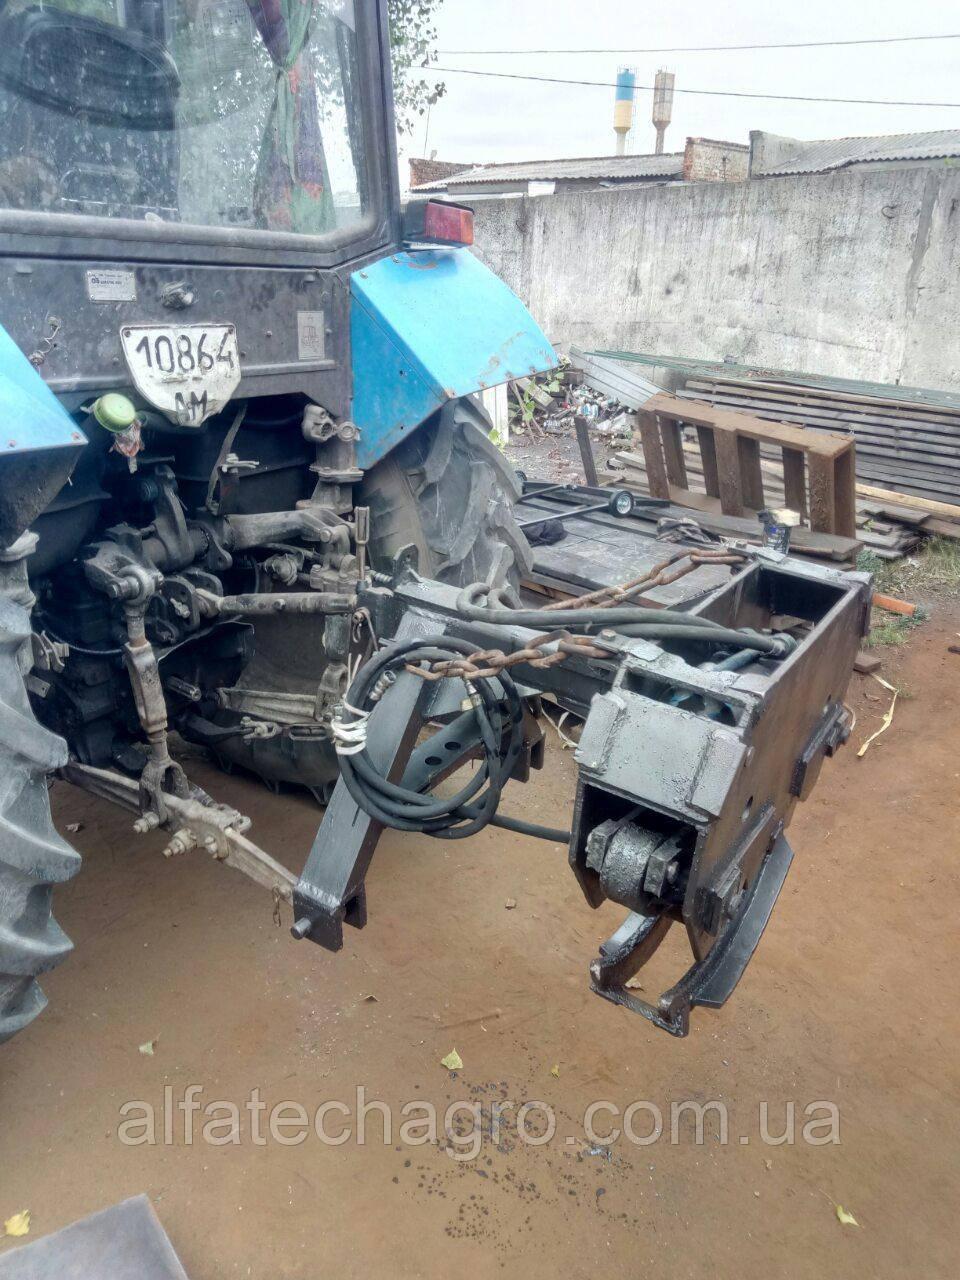 Захват для трелевки леса тракторный